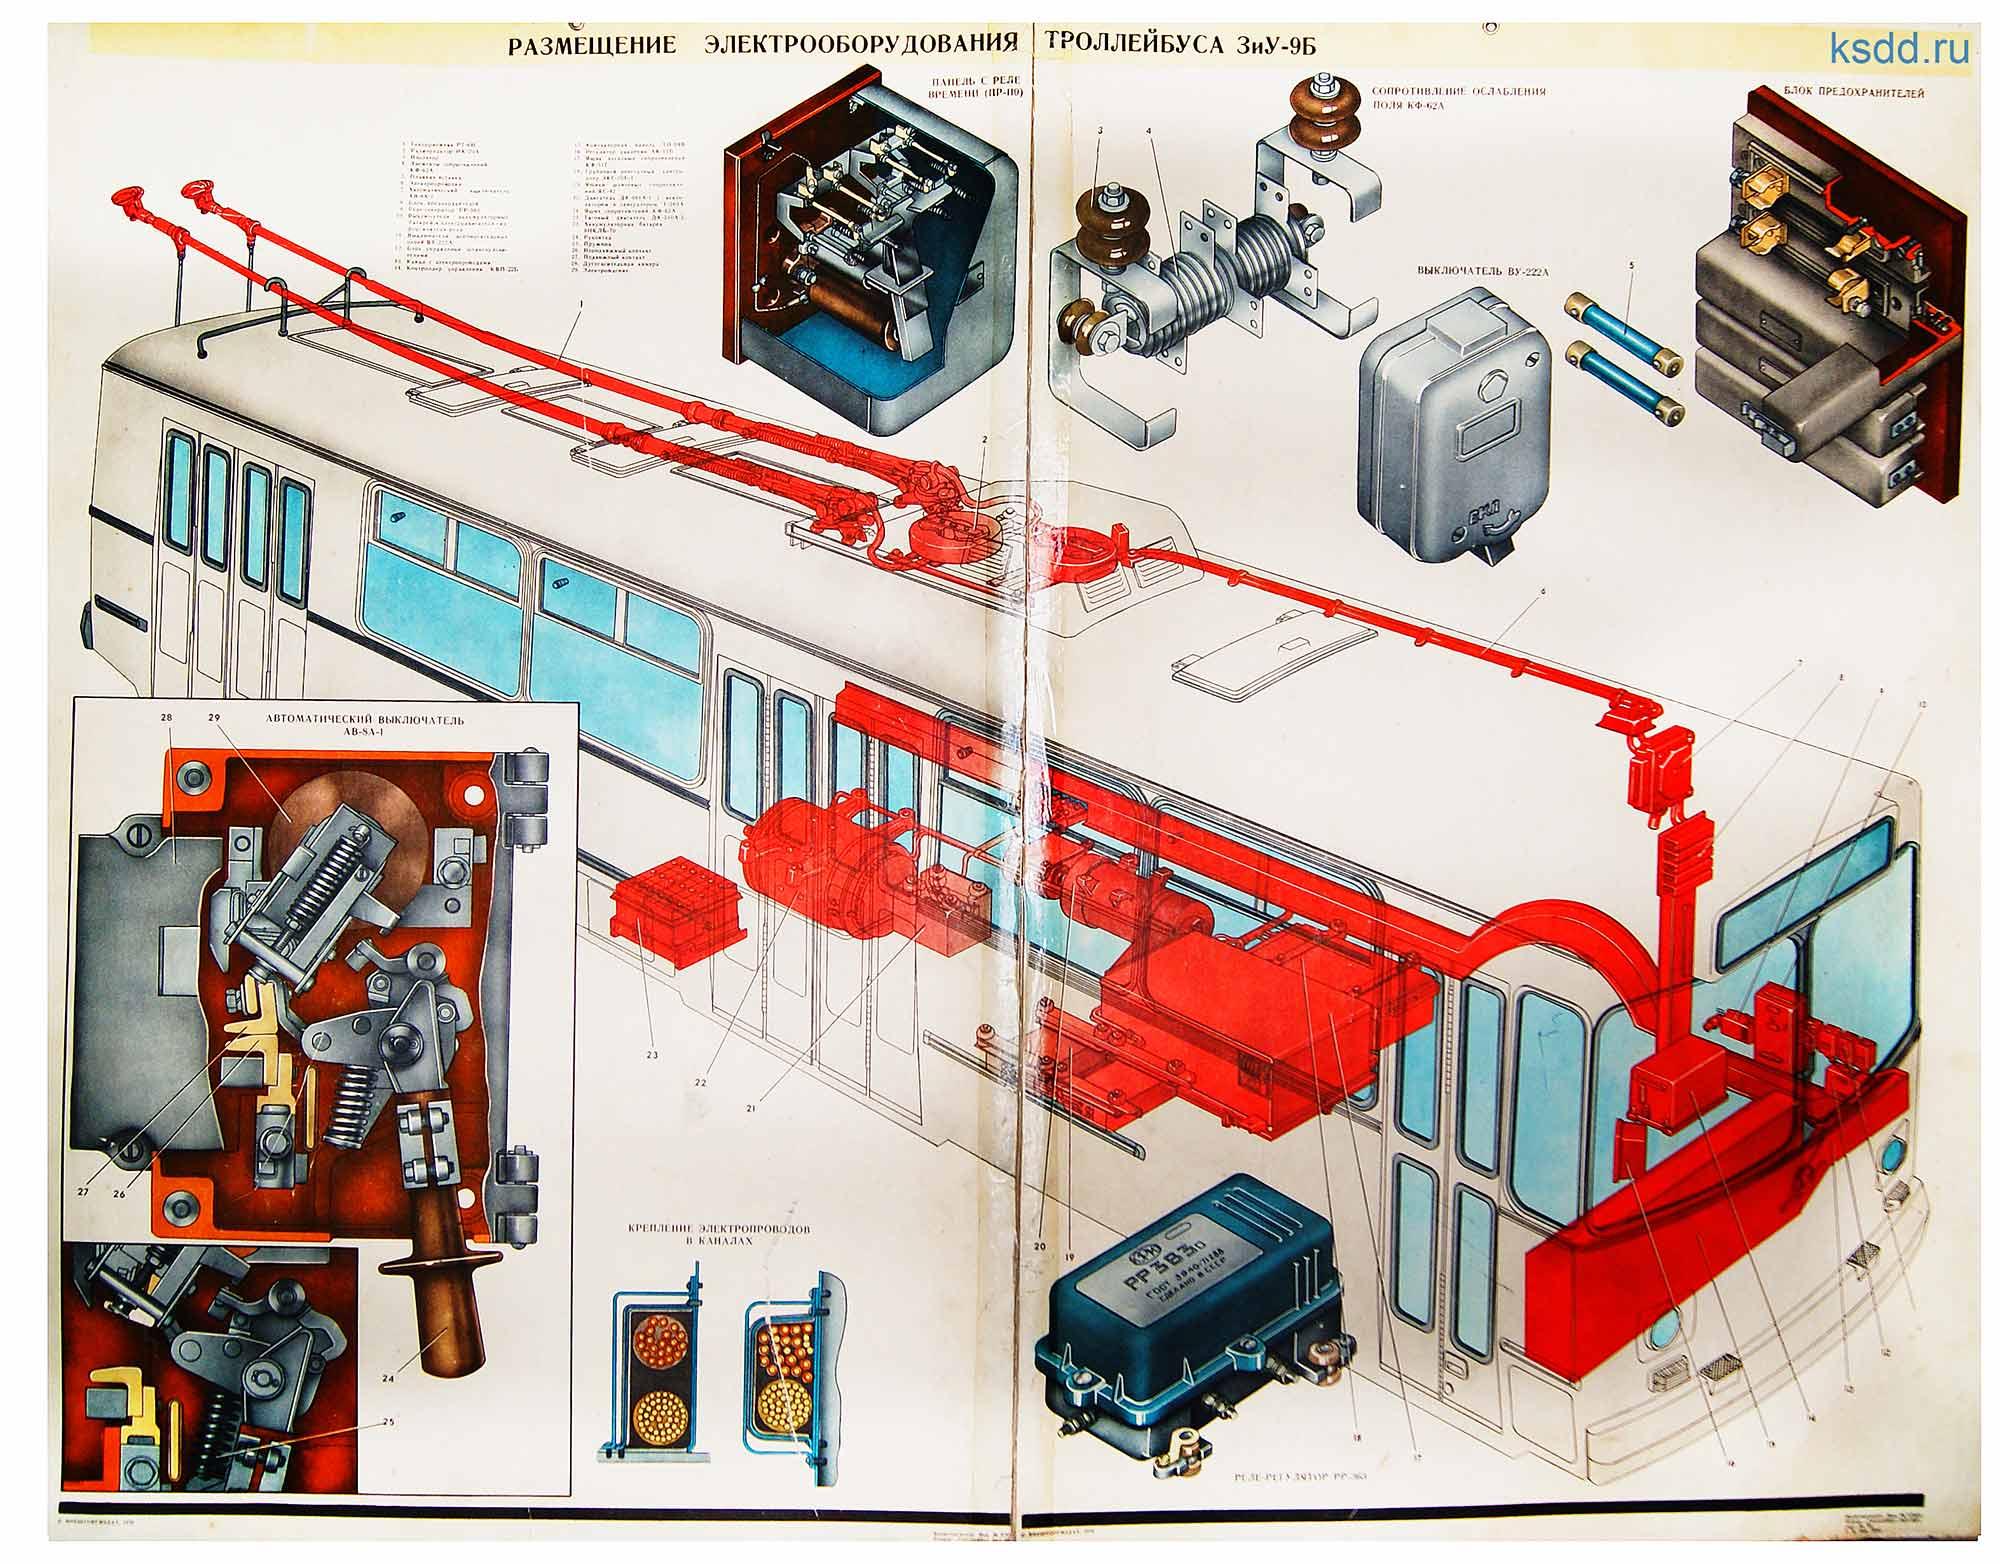 7.-Размещение-электрооборудования-троллейбуса-ЗиУ-9Б